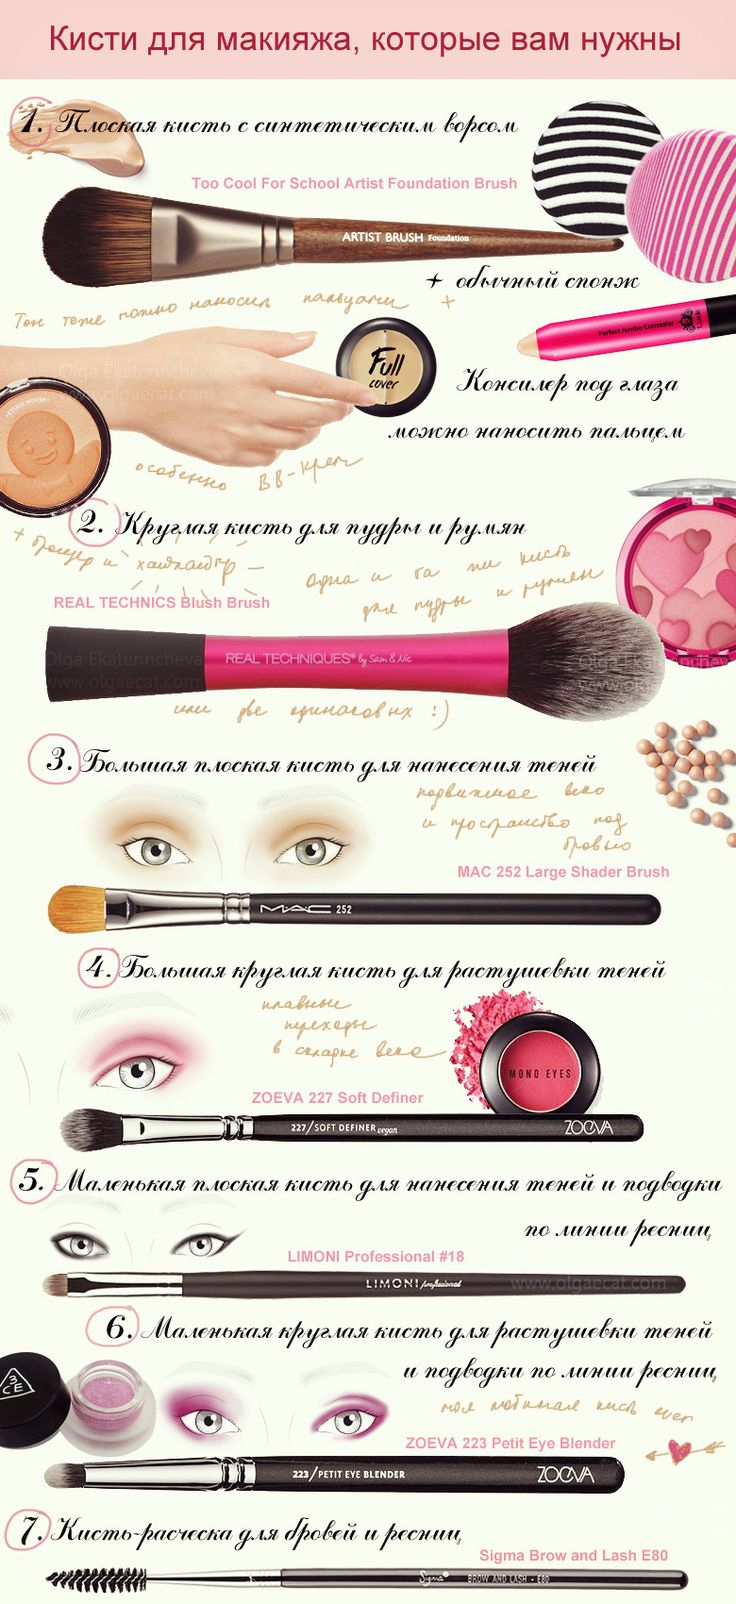 Какие кисти нужны для макияжа фото